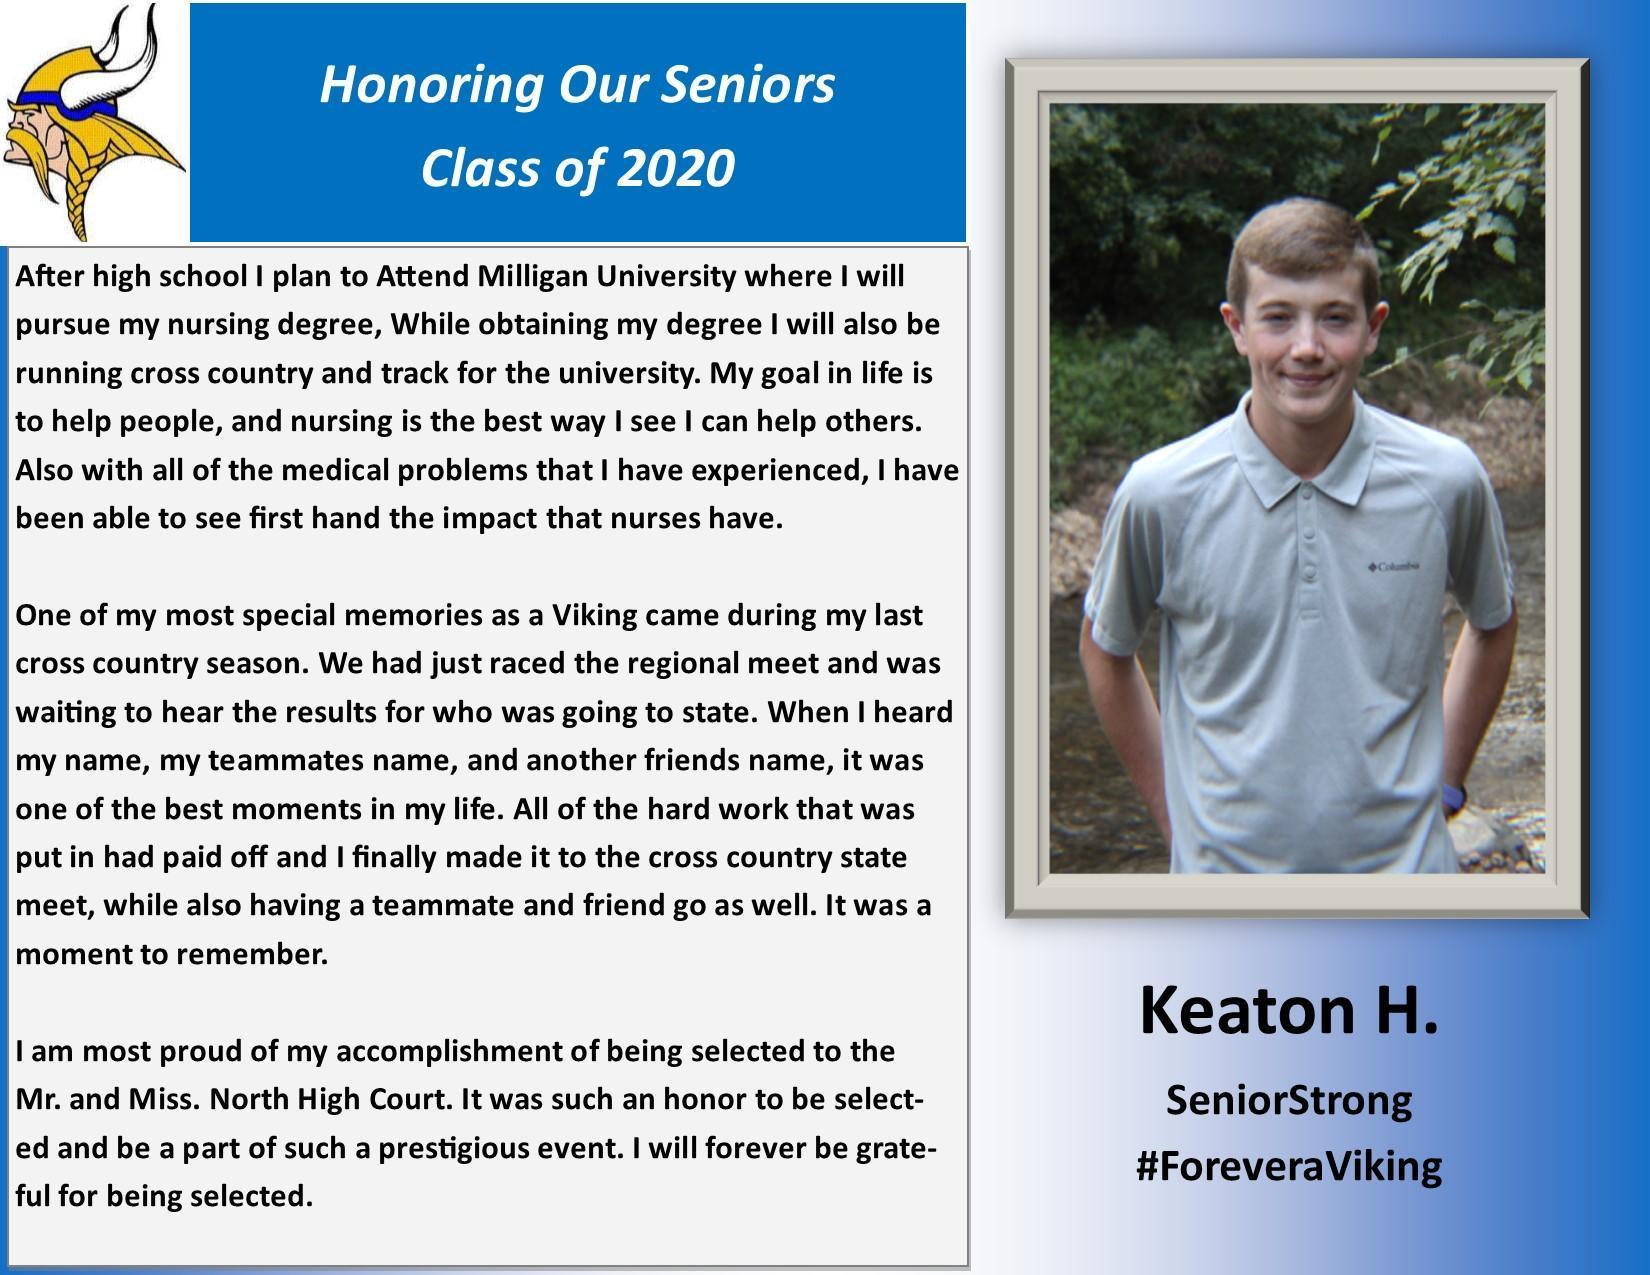 Keaton H